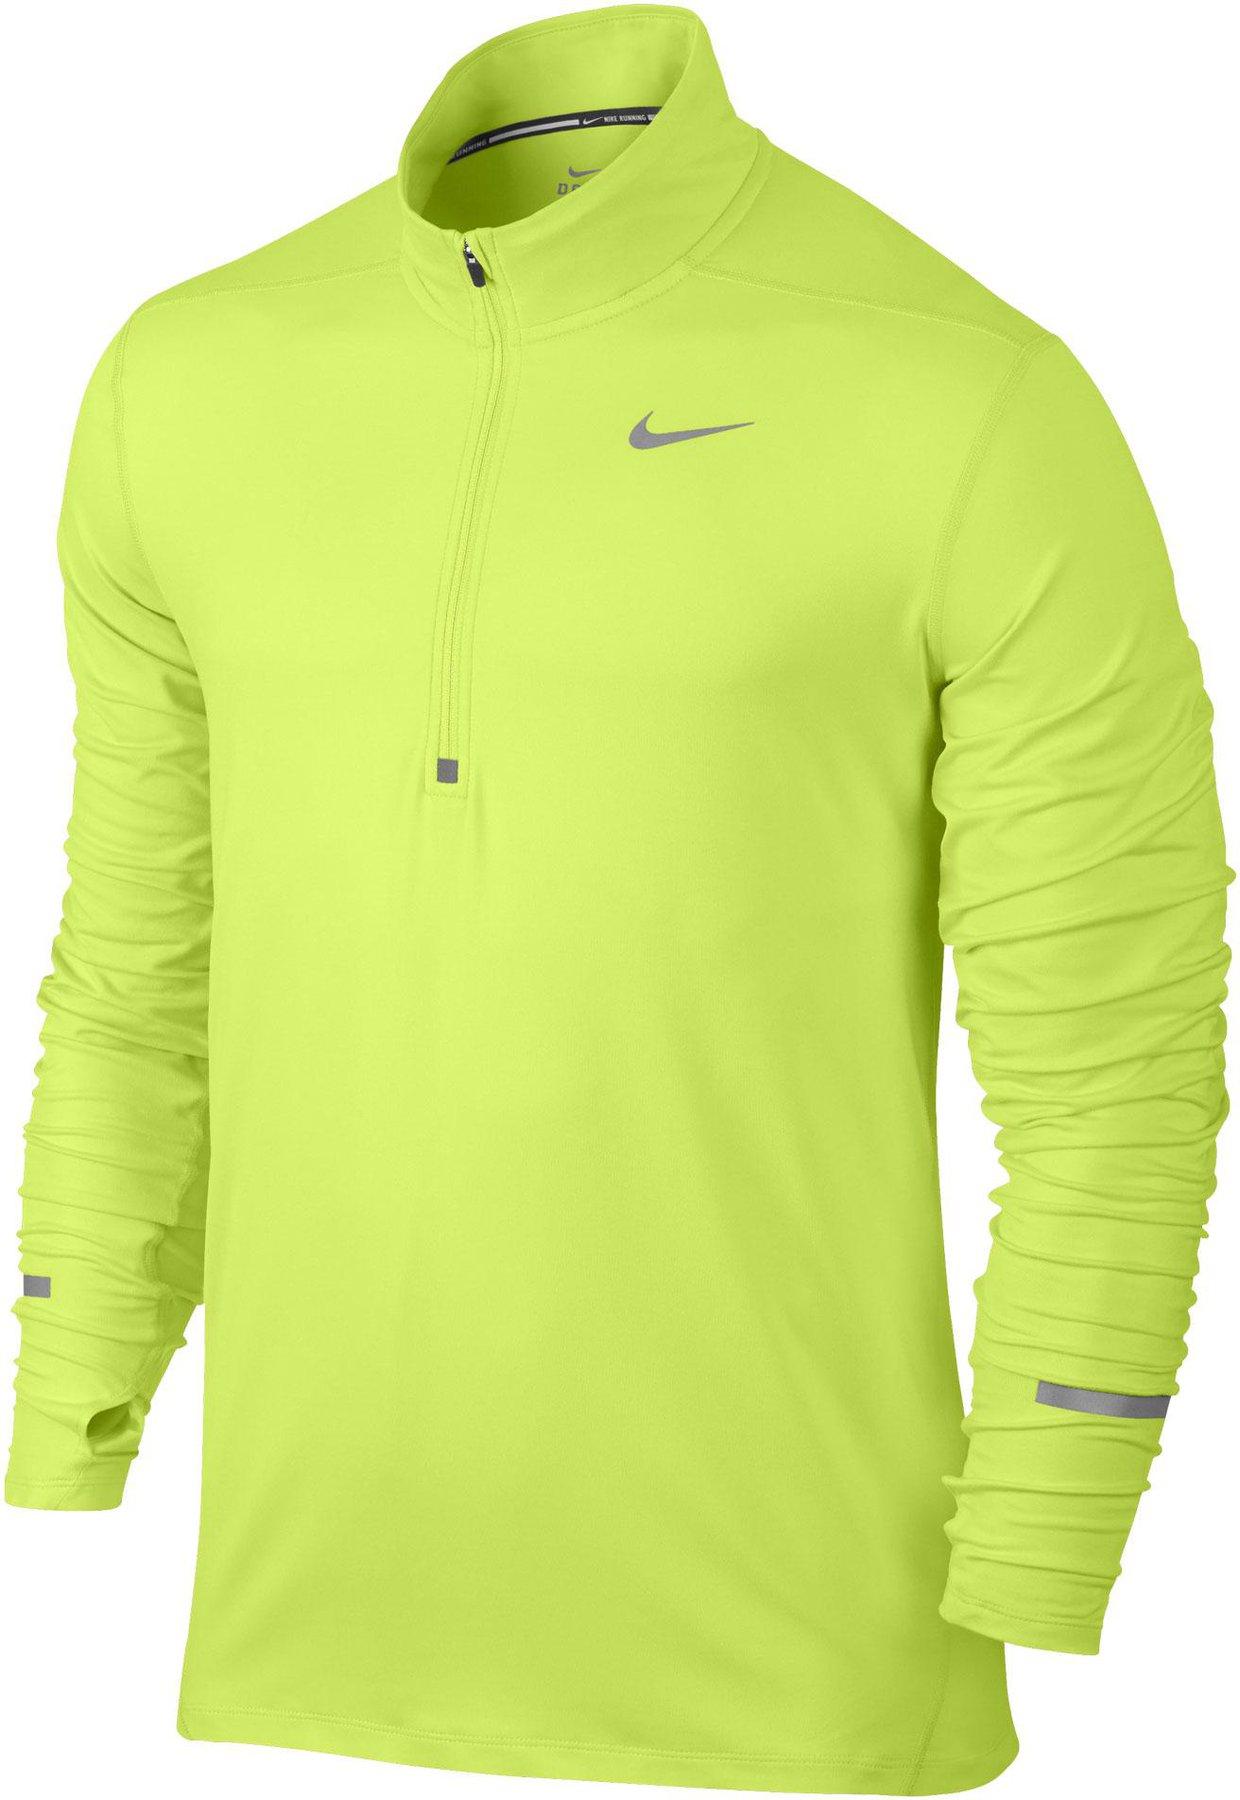 38867bf4731d97 Nike Langarmshirt Herren kaufen